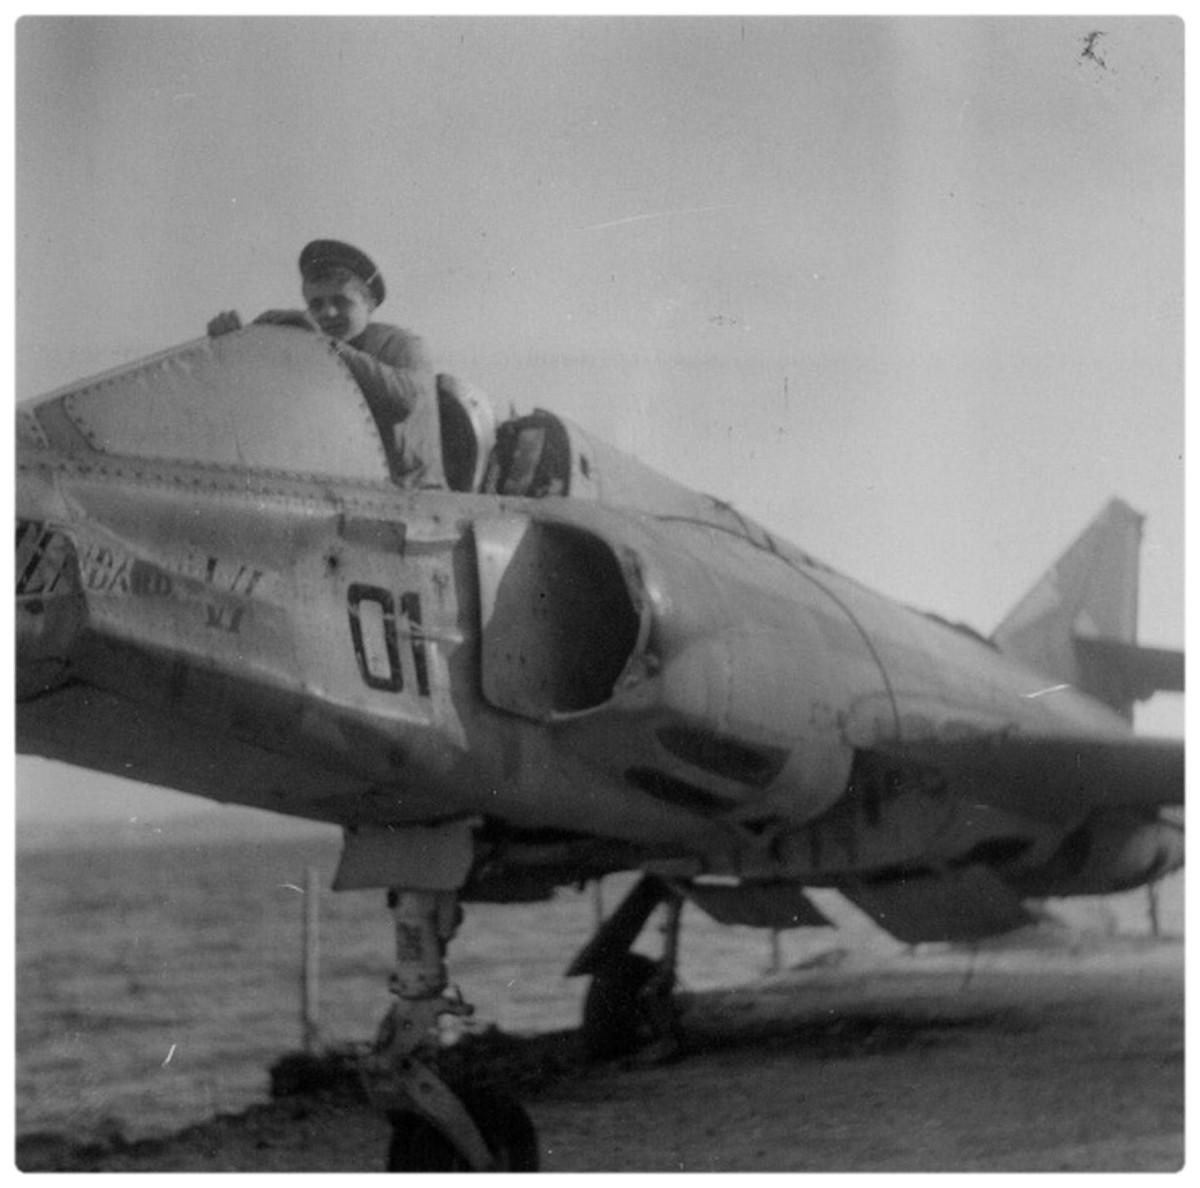 [Aéronavale divers] Un avion Anglais dans le bassin de l'Ecole de Plongée 2107